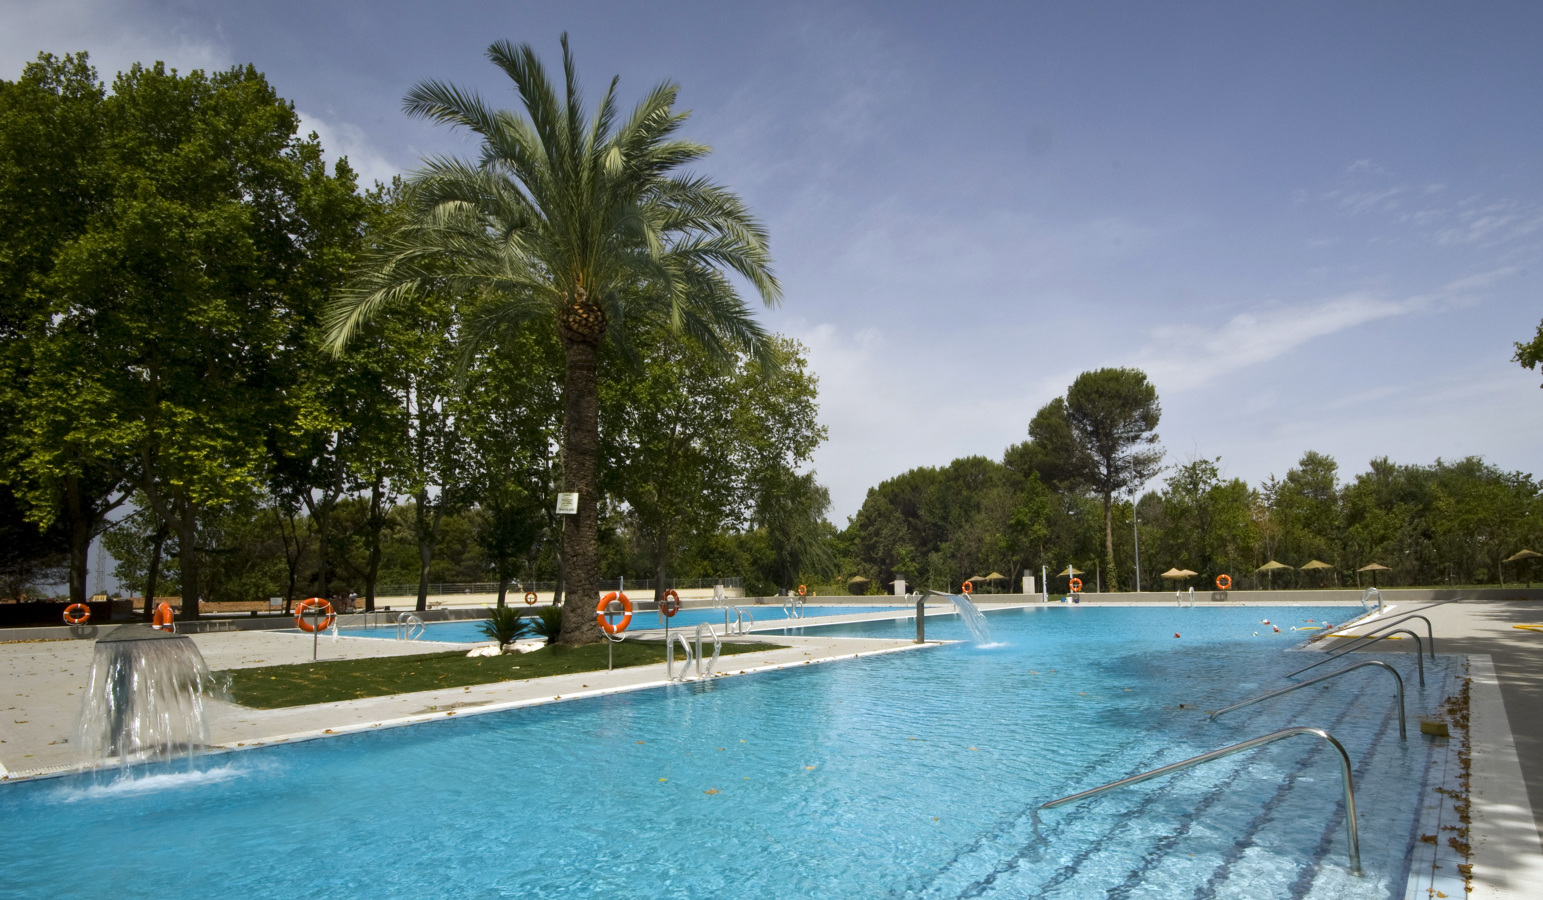 Foto piscina municipal montilla c rdoba de aryon for Piscinas municipales lleida